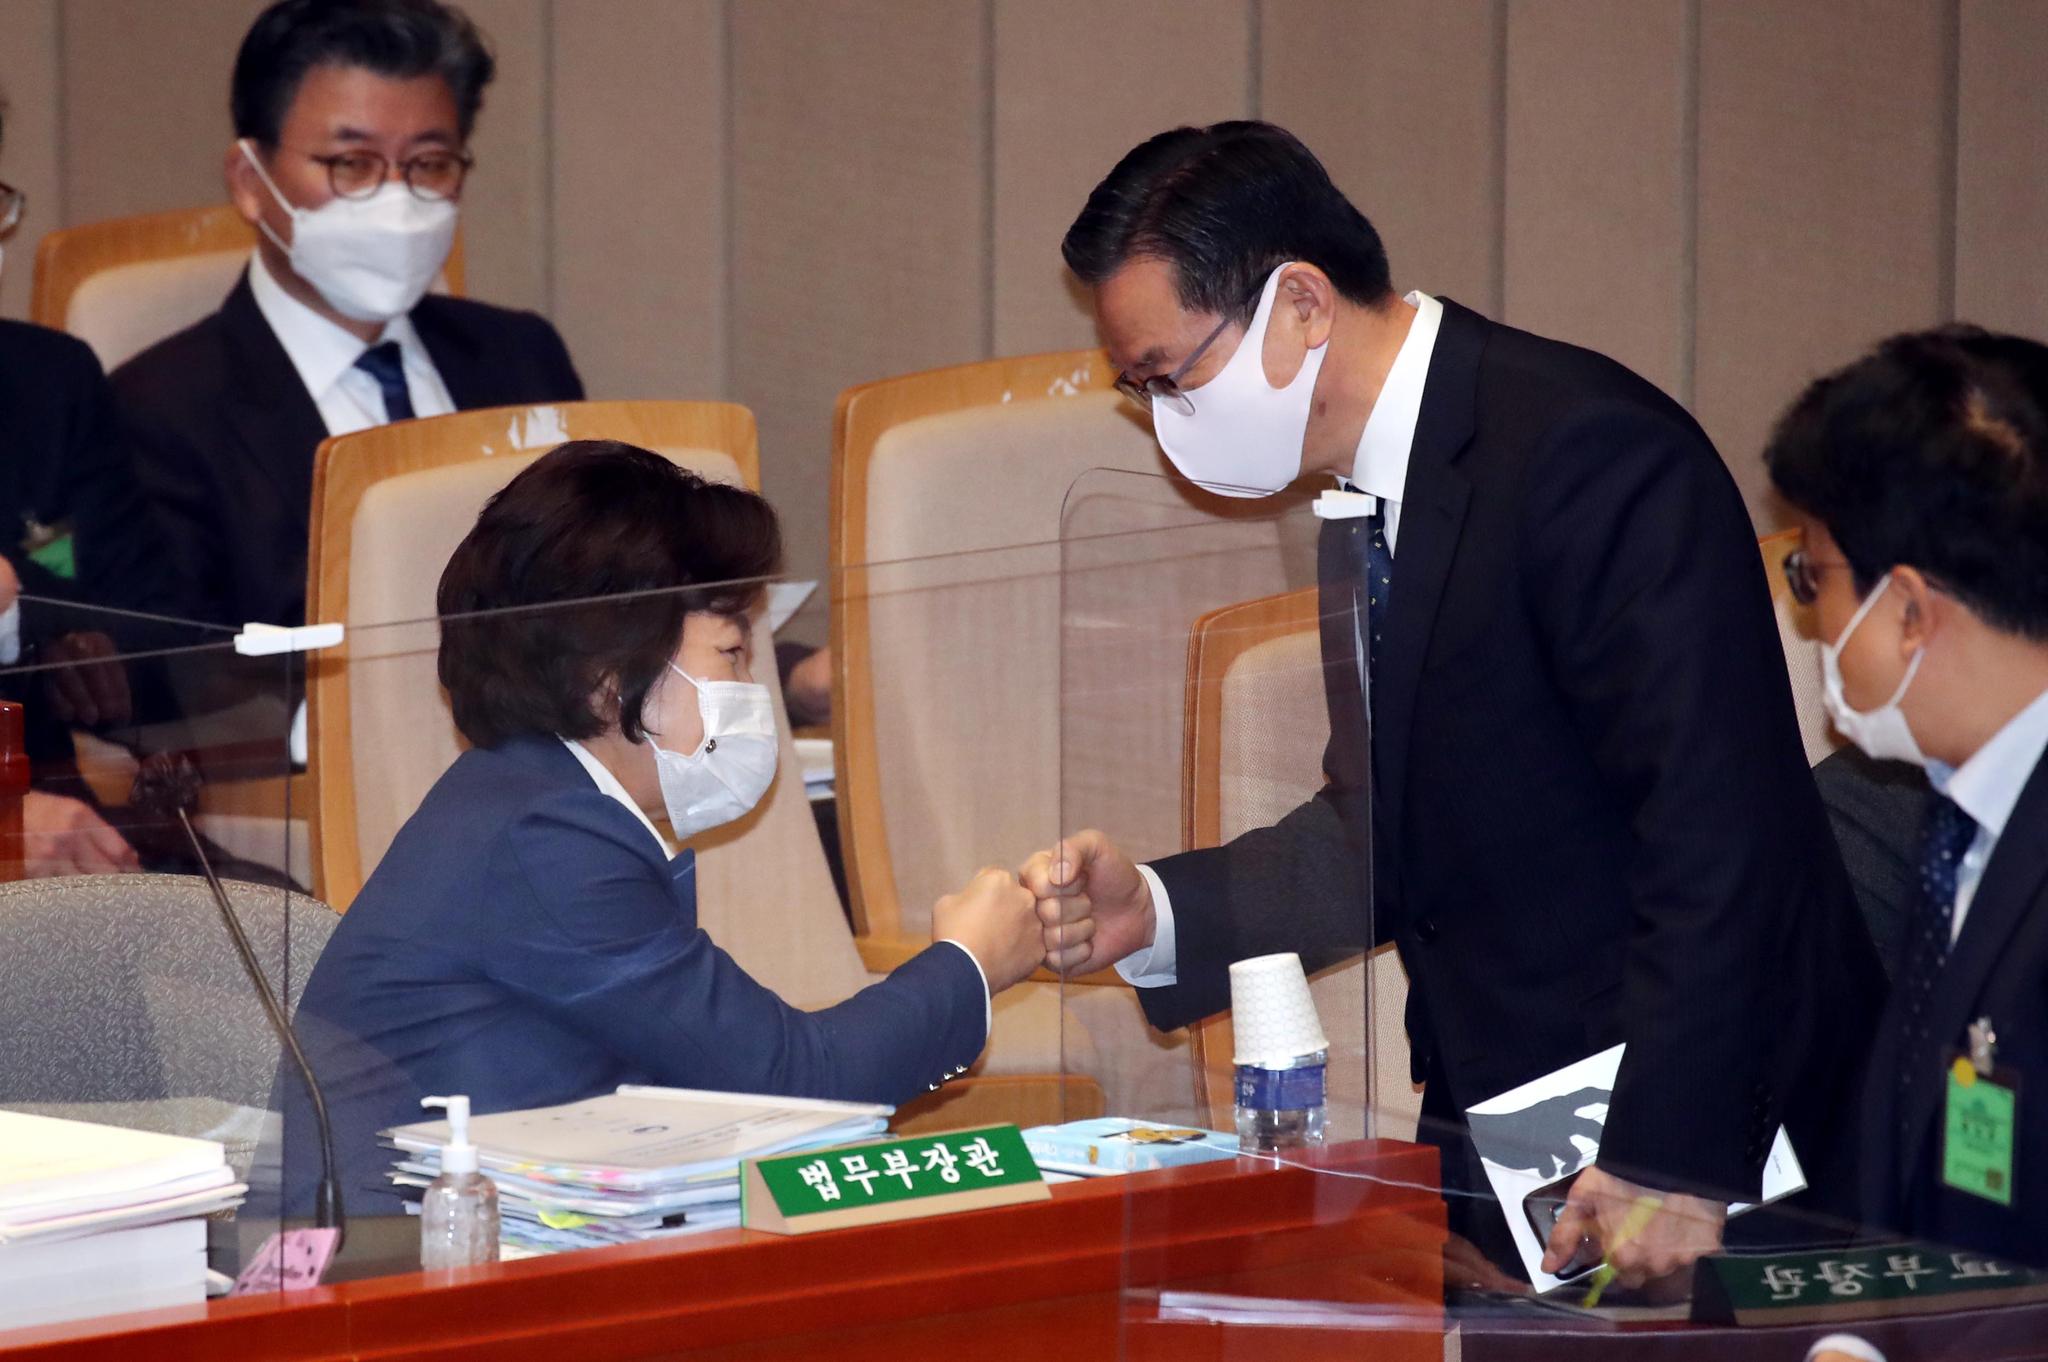 추미애 법무부 장관(왼쪽)이 11일 국회 예산결산위원회에서 정성호 위원장과 인사를 하고 있다. 오종택 기자